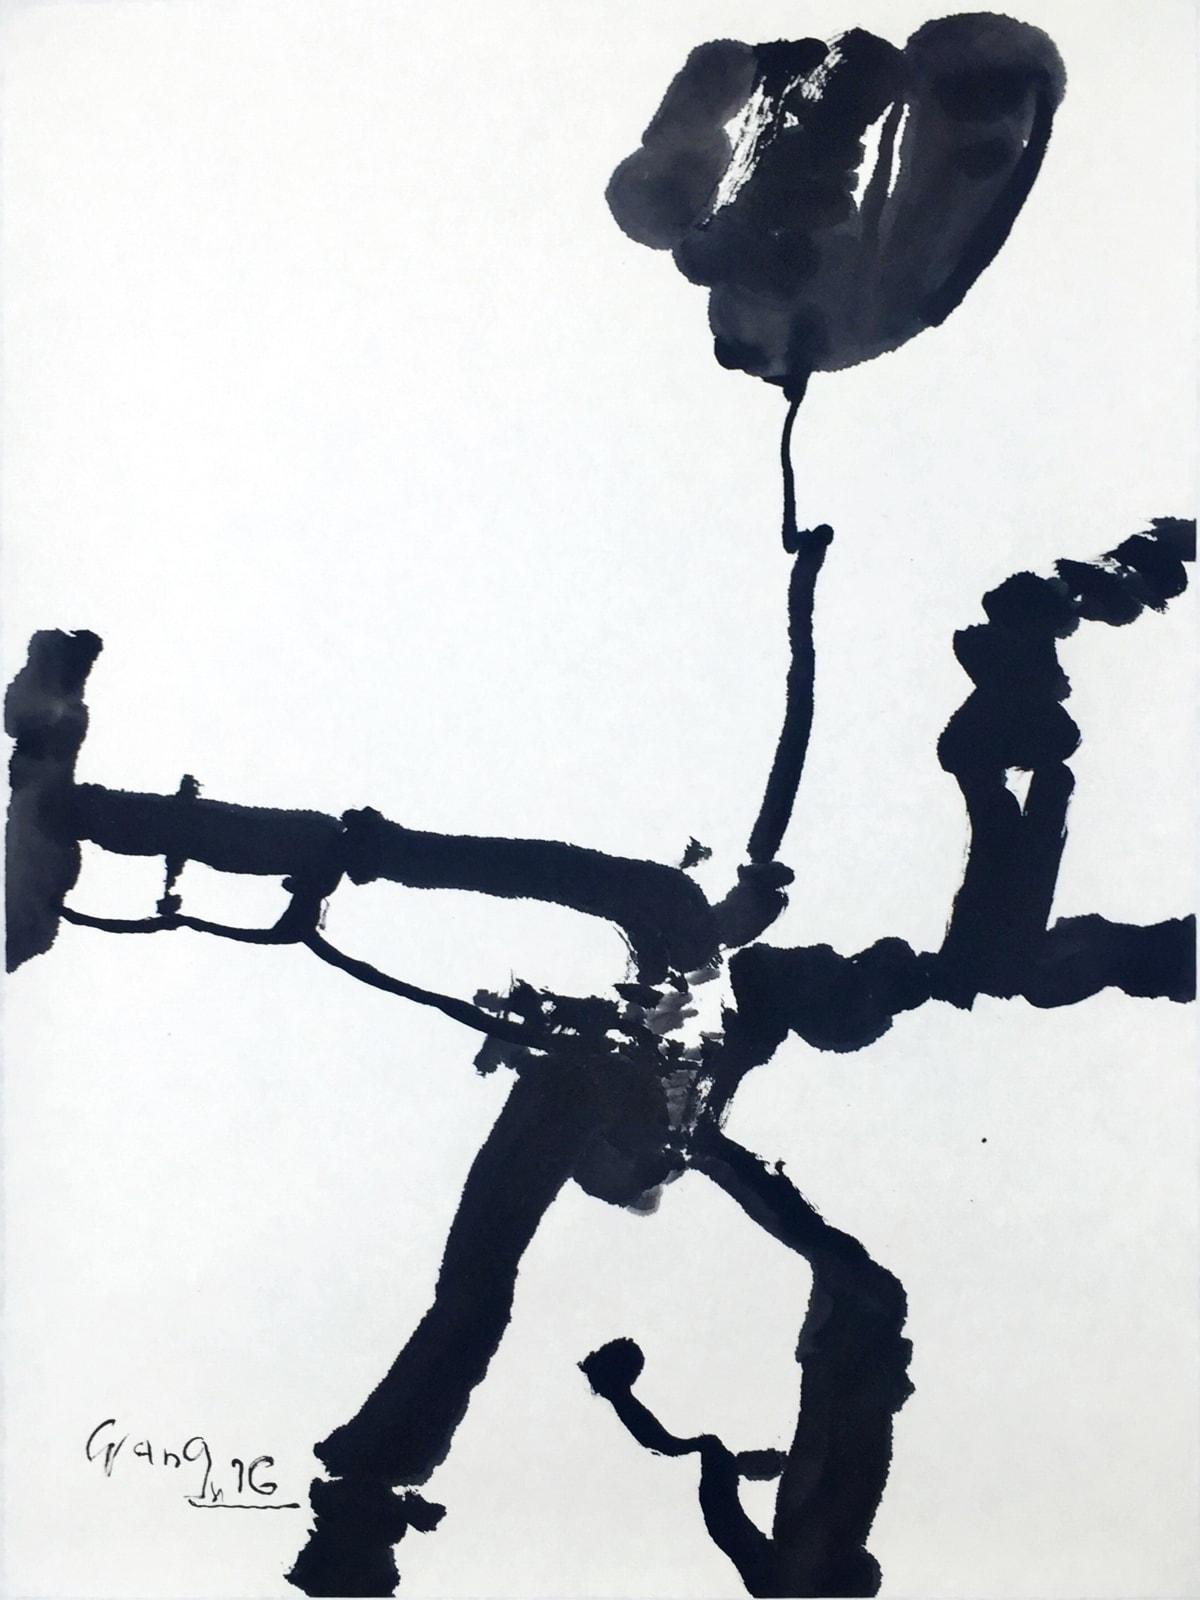 Wang Chuan 王川, A12, 2016